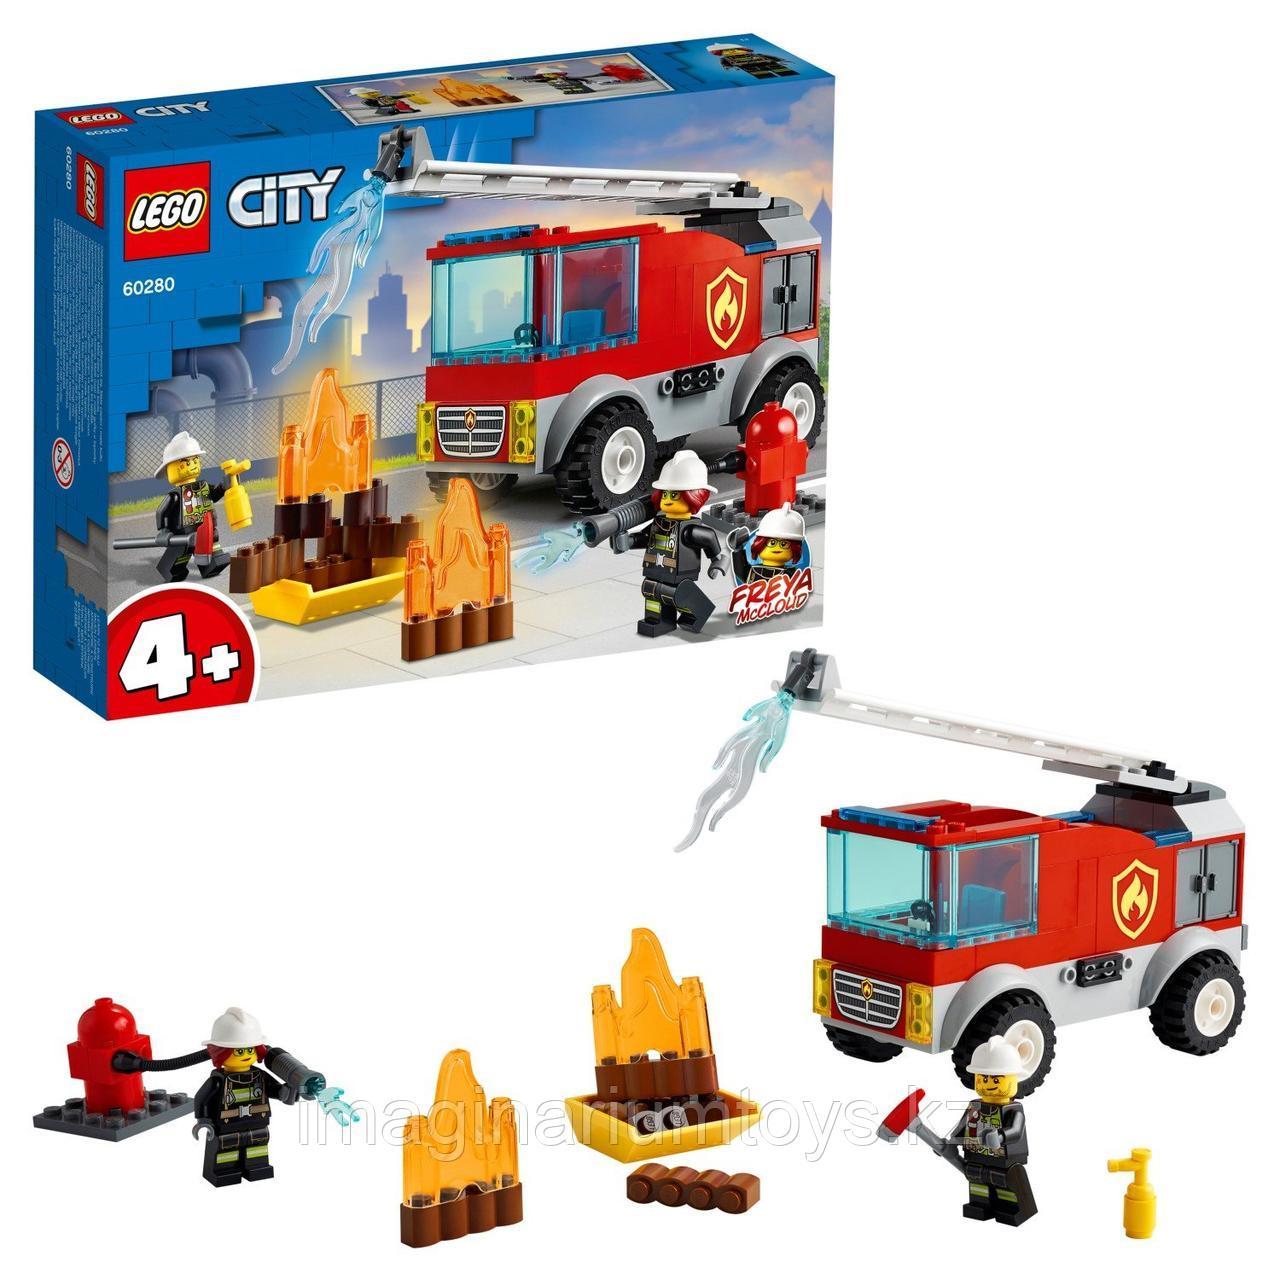 Конструктор LEGO City Лего город Пожарная машина с лестницей 60280 - фото 1